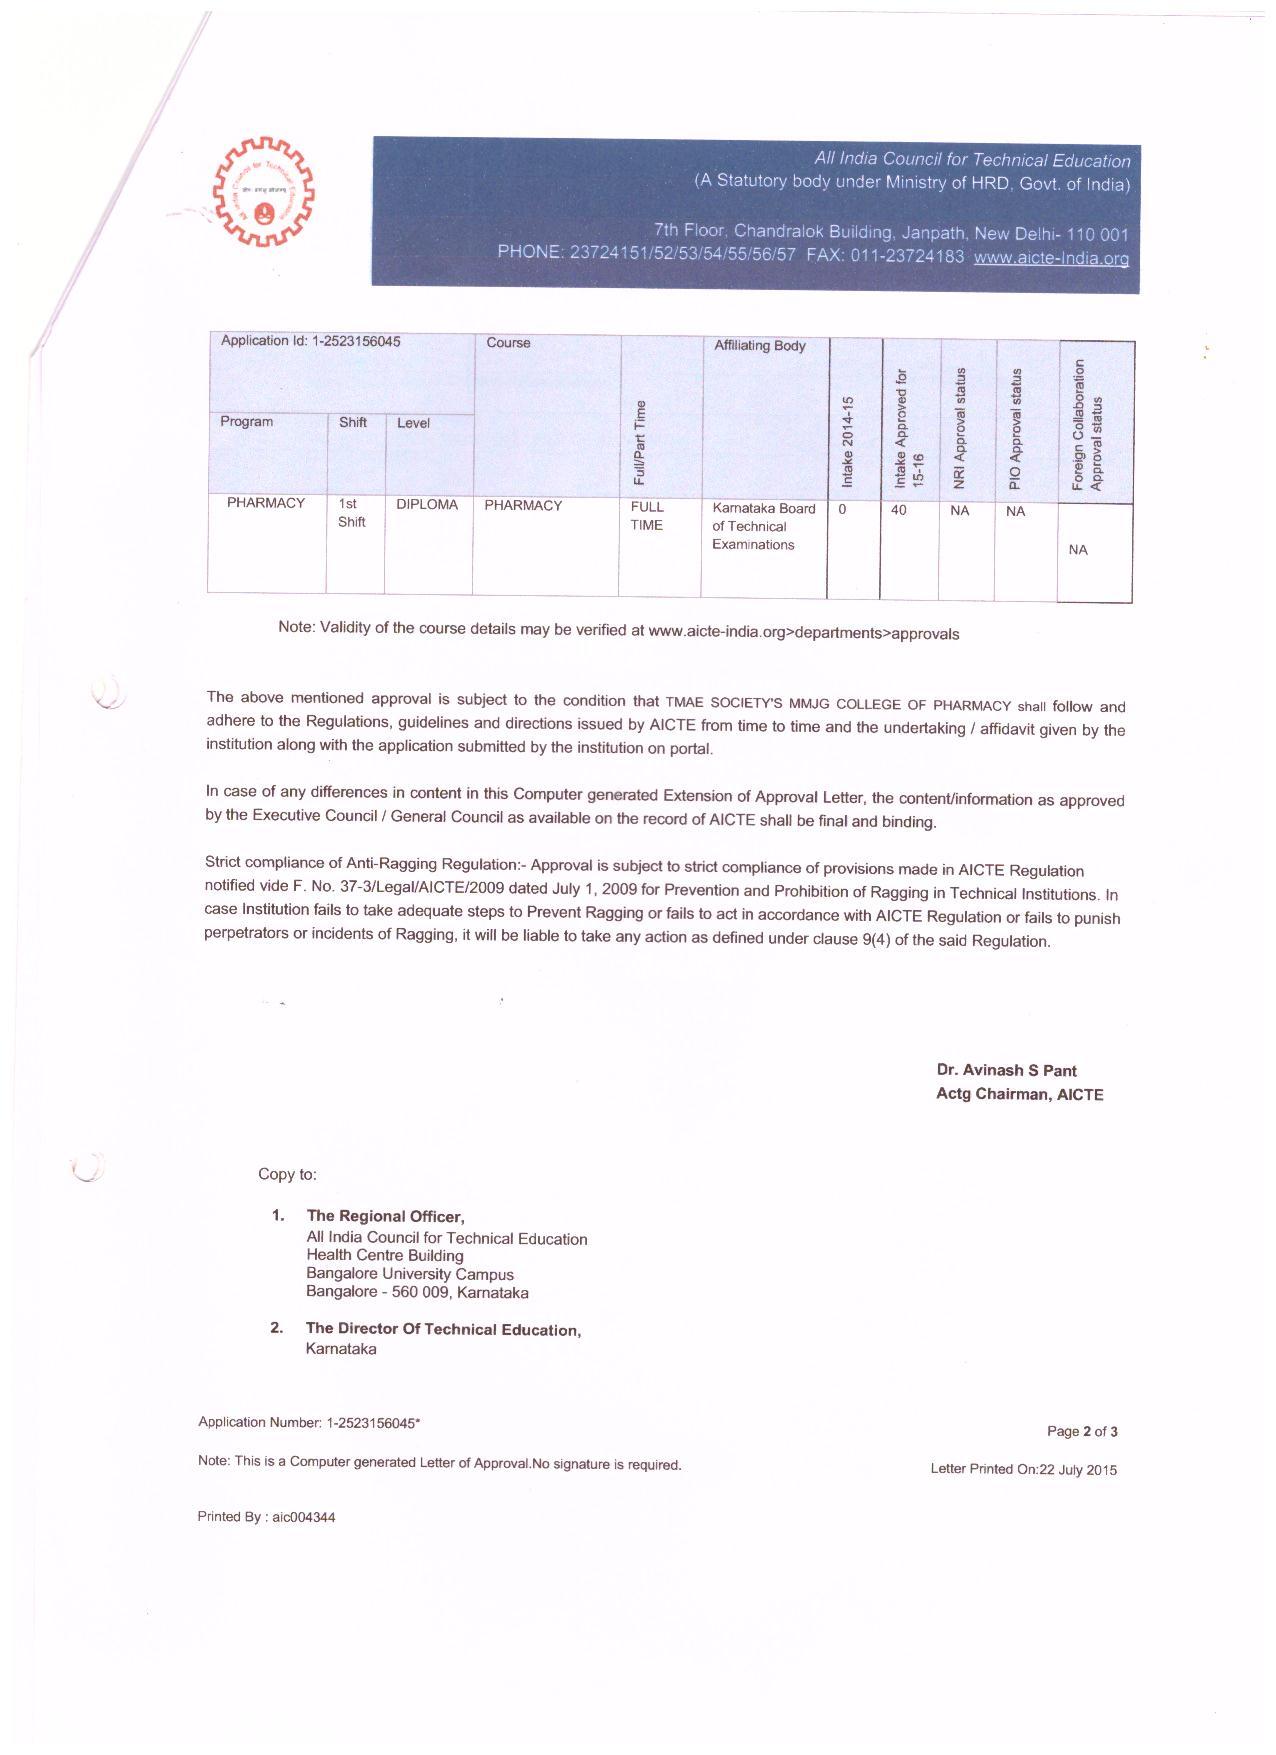 AICTE Approval Copy 2015-16 (2)